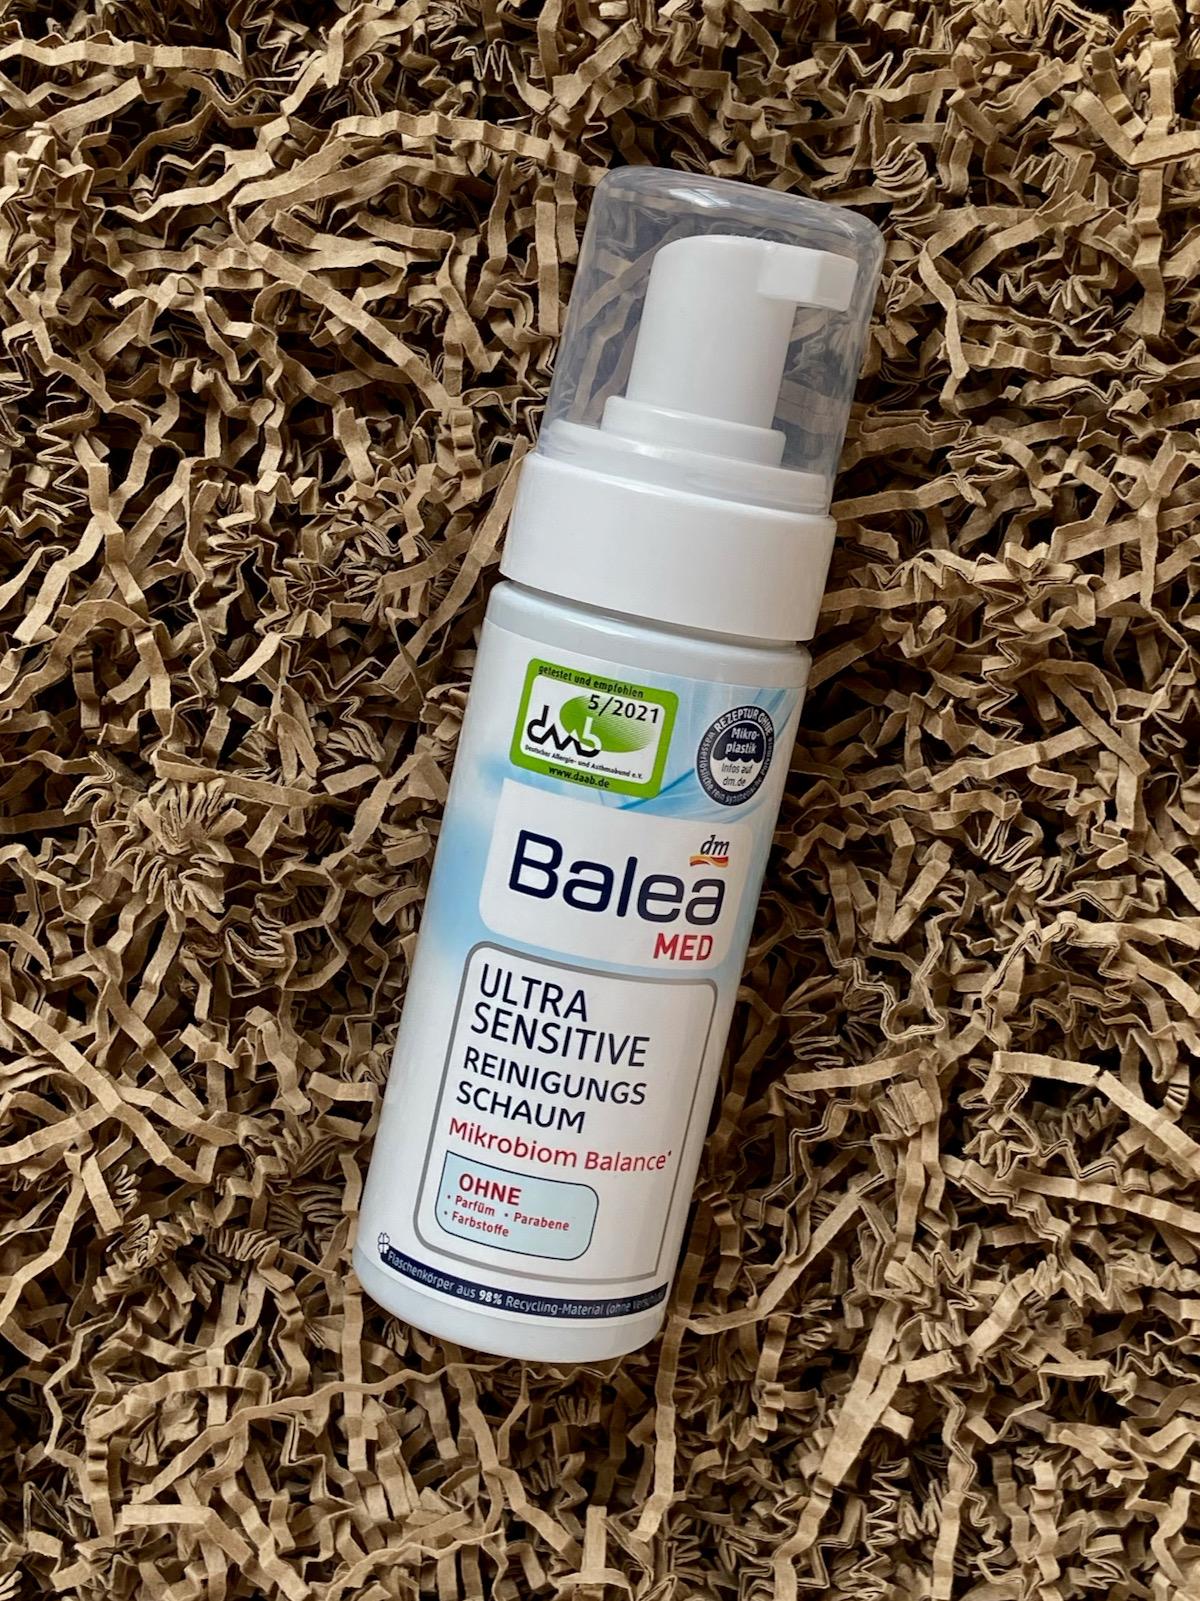 Balea Med Ultrasensitive Reinigungsschaum